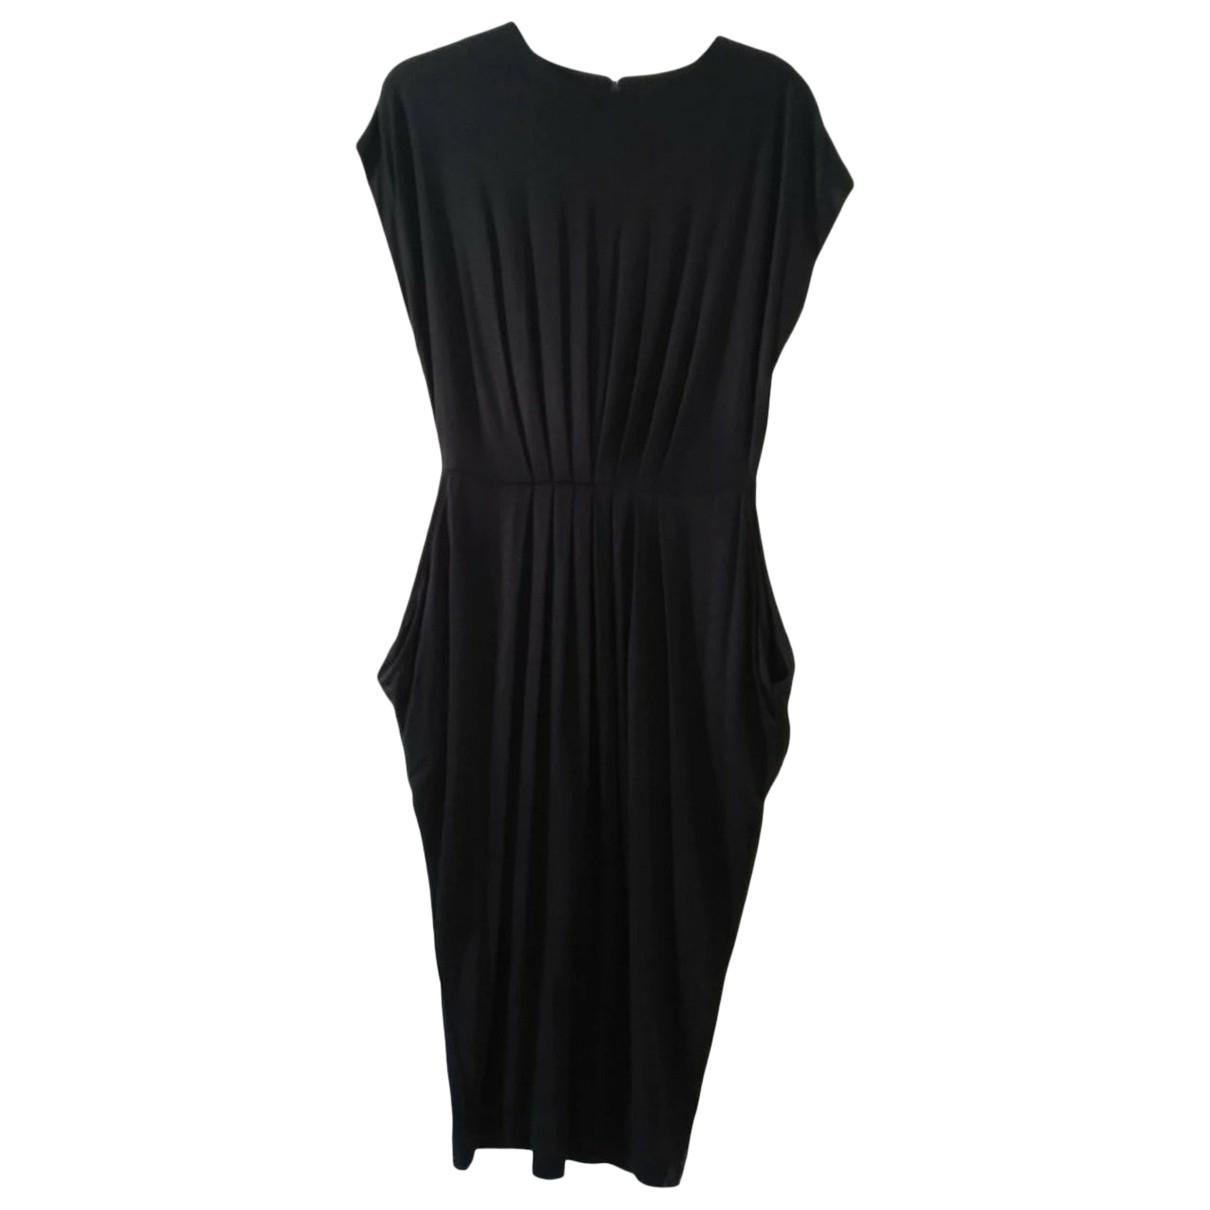 Jil Sander \N Black dress for Women 38 IT